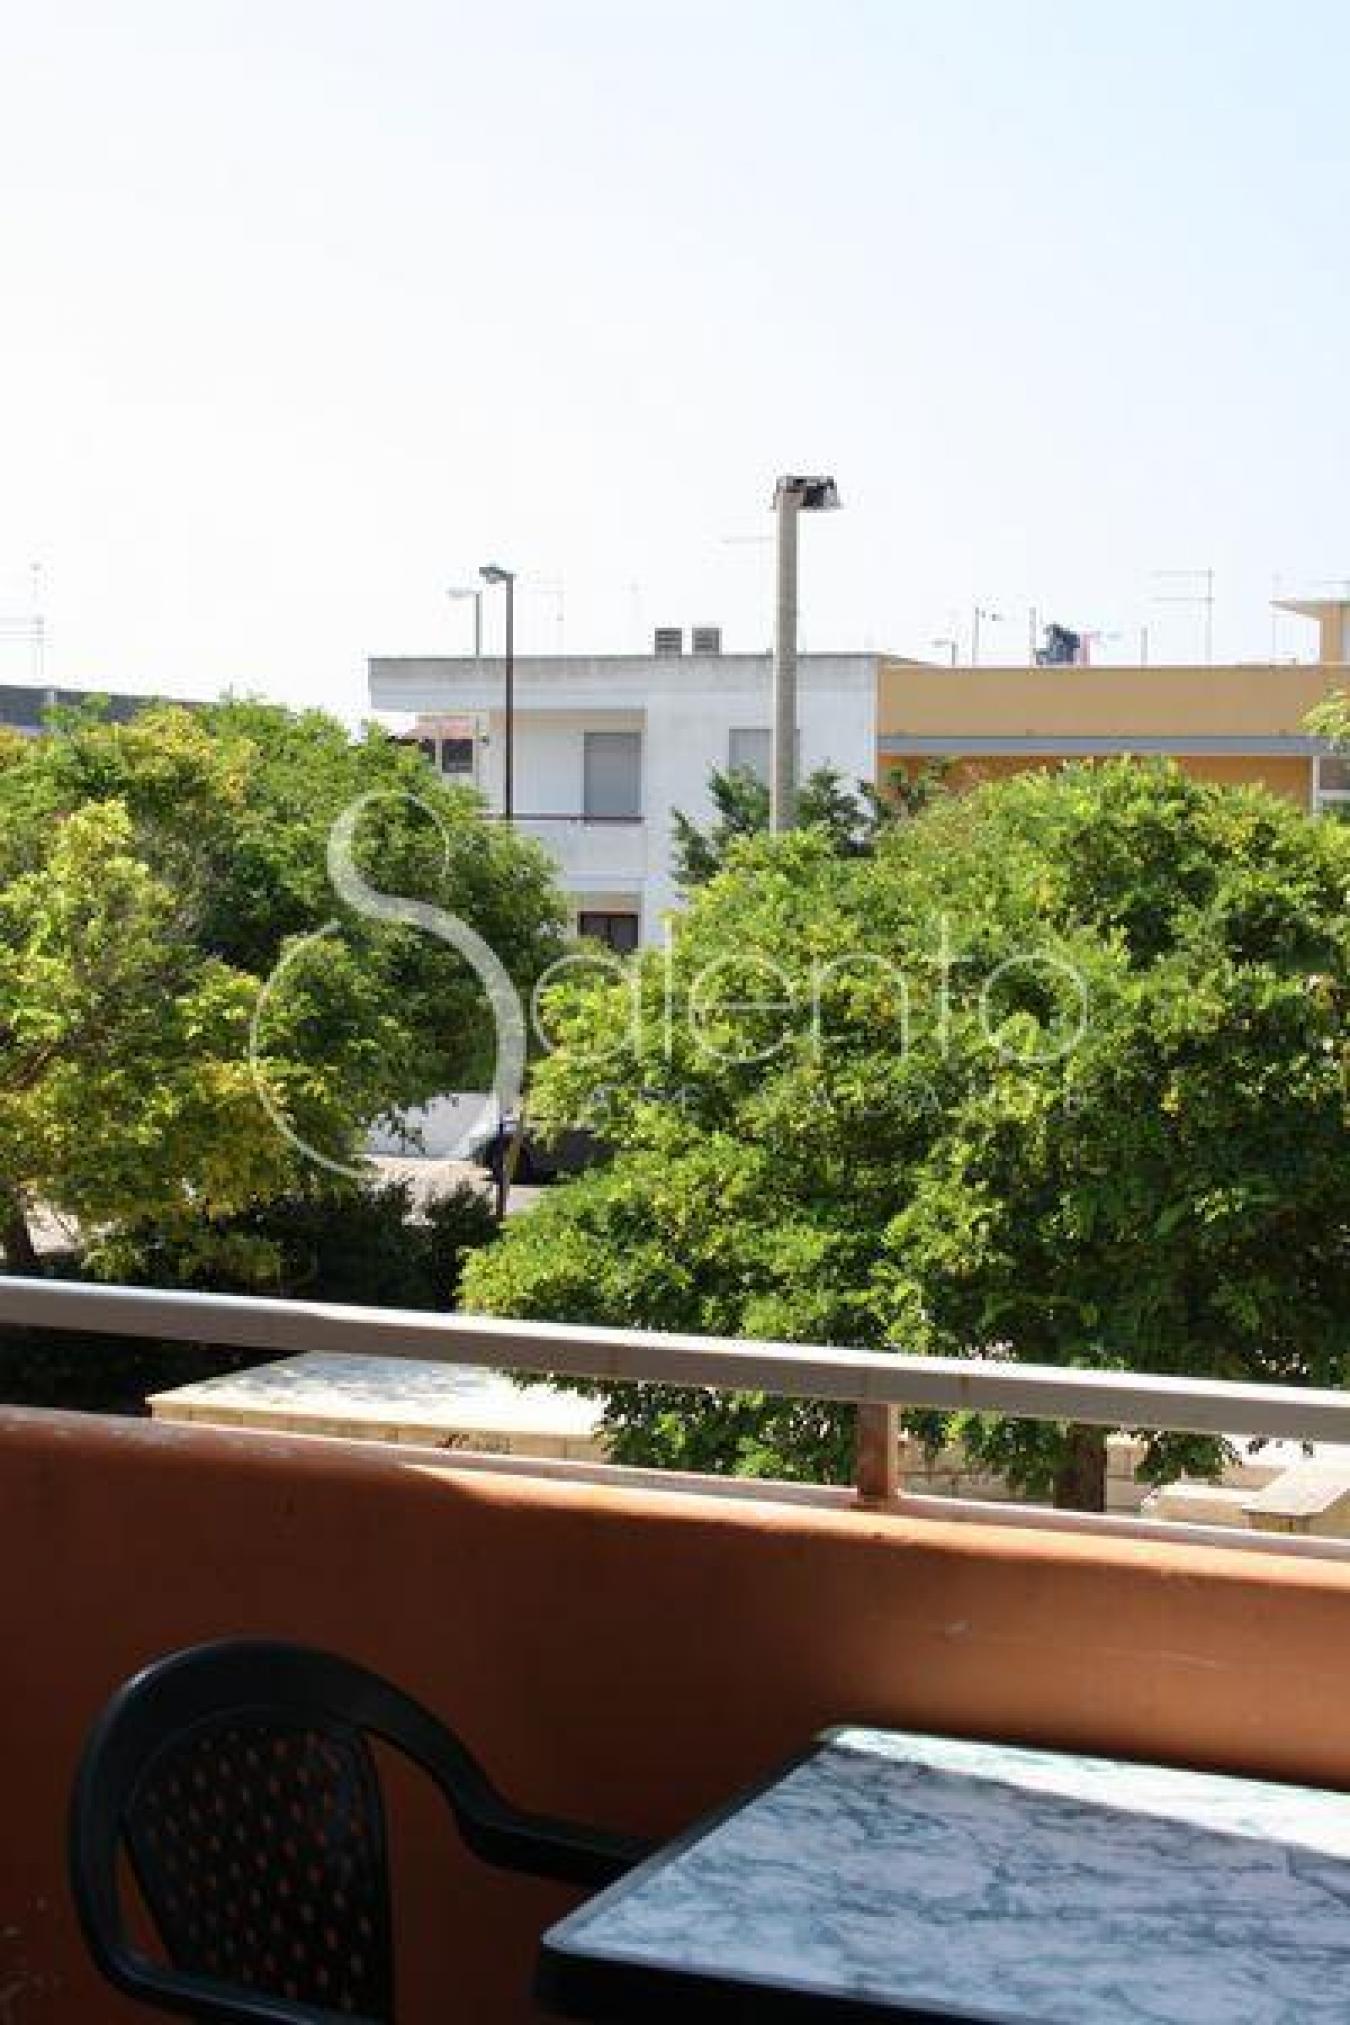 Affitto appartamento nel salento vicino alla spiaggia di for Piccoli piani di casa sulla spiaggia su palafitte